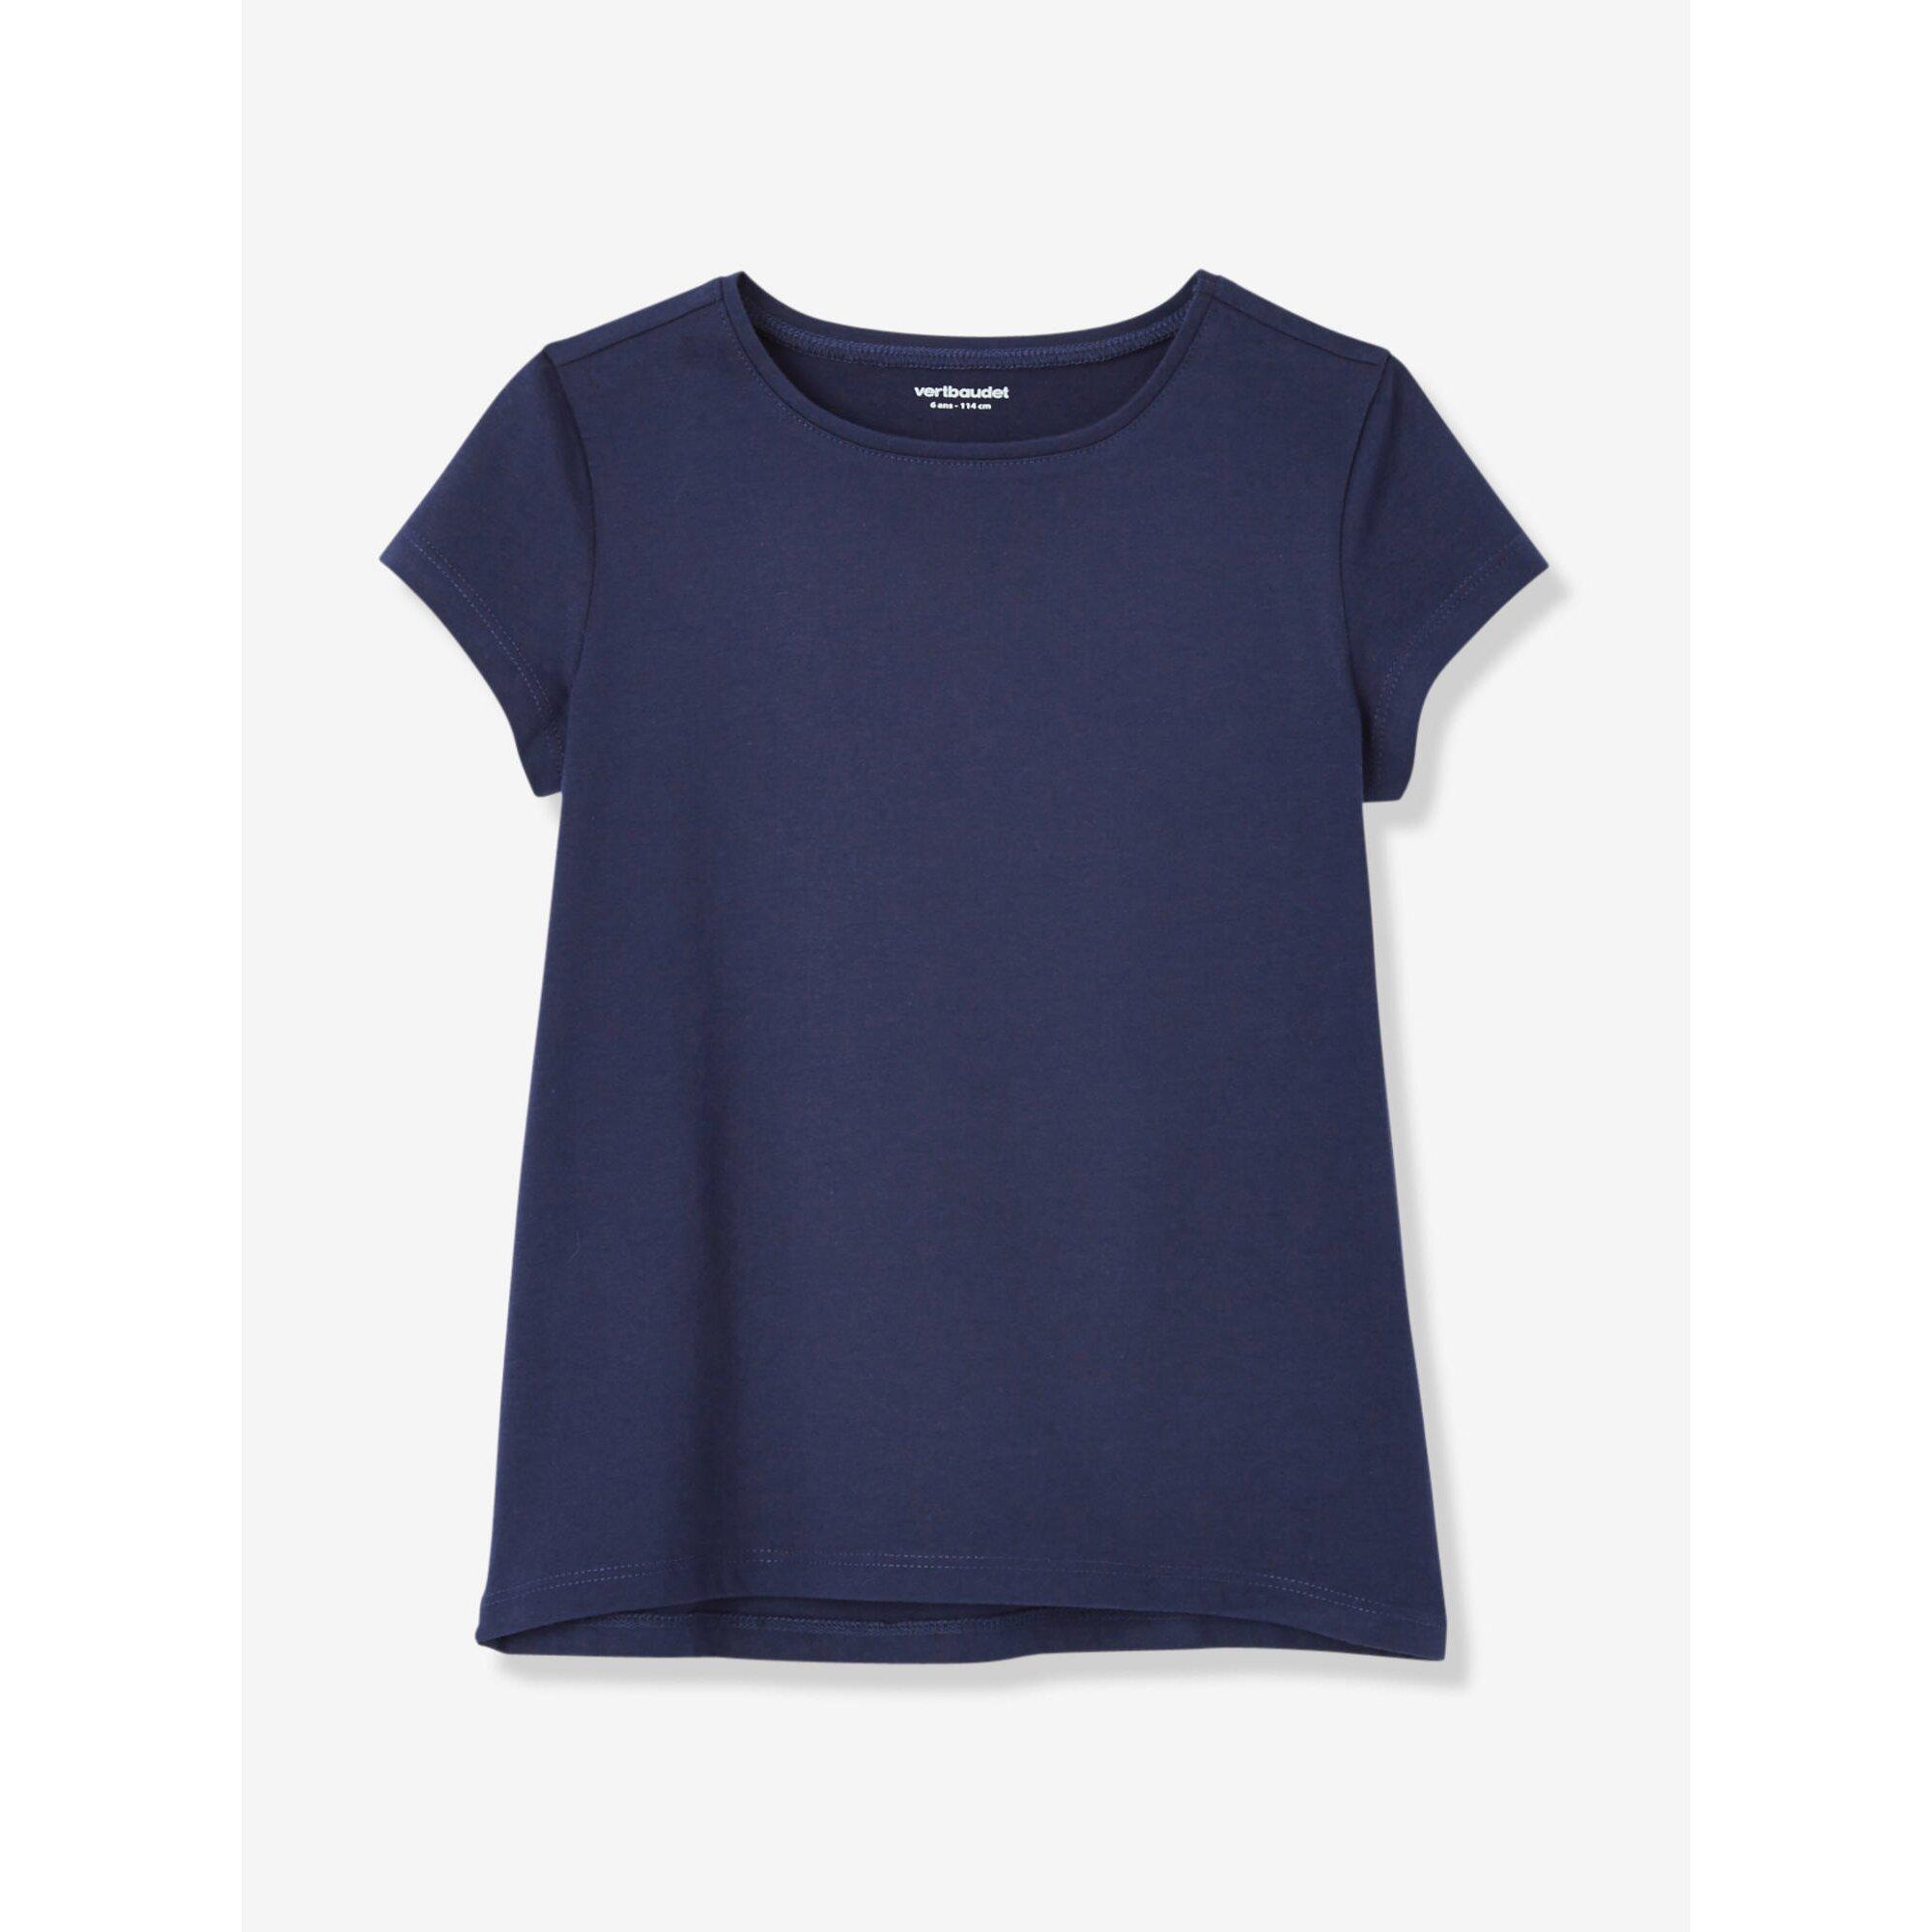 vertbaudet-2er-pack-t-shirts-fur-madchen-rundhals